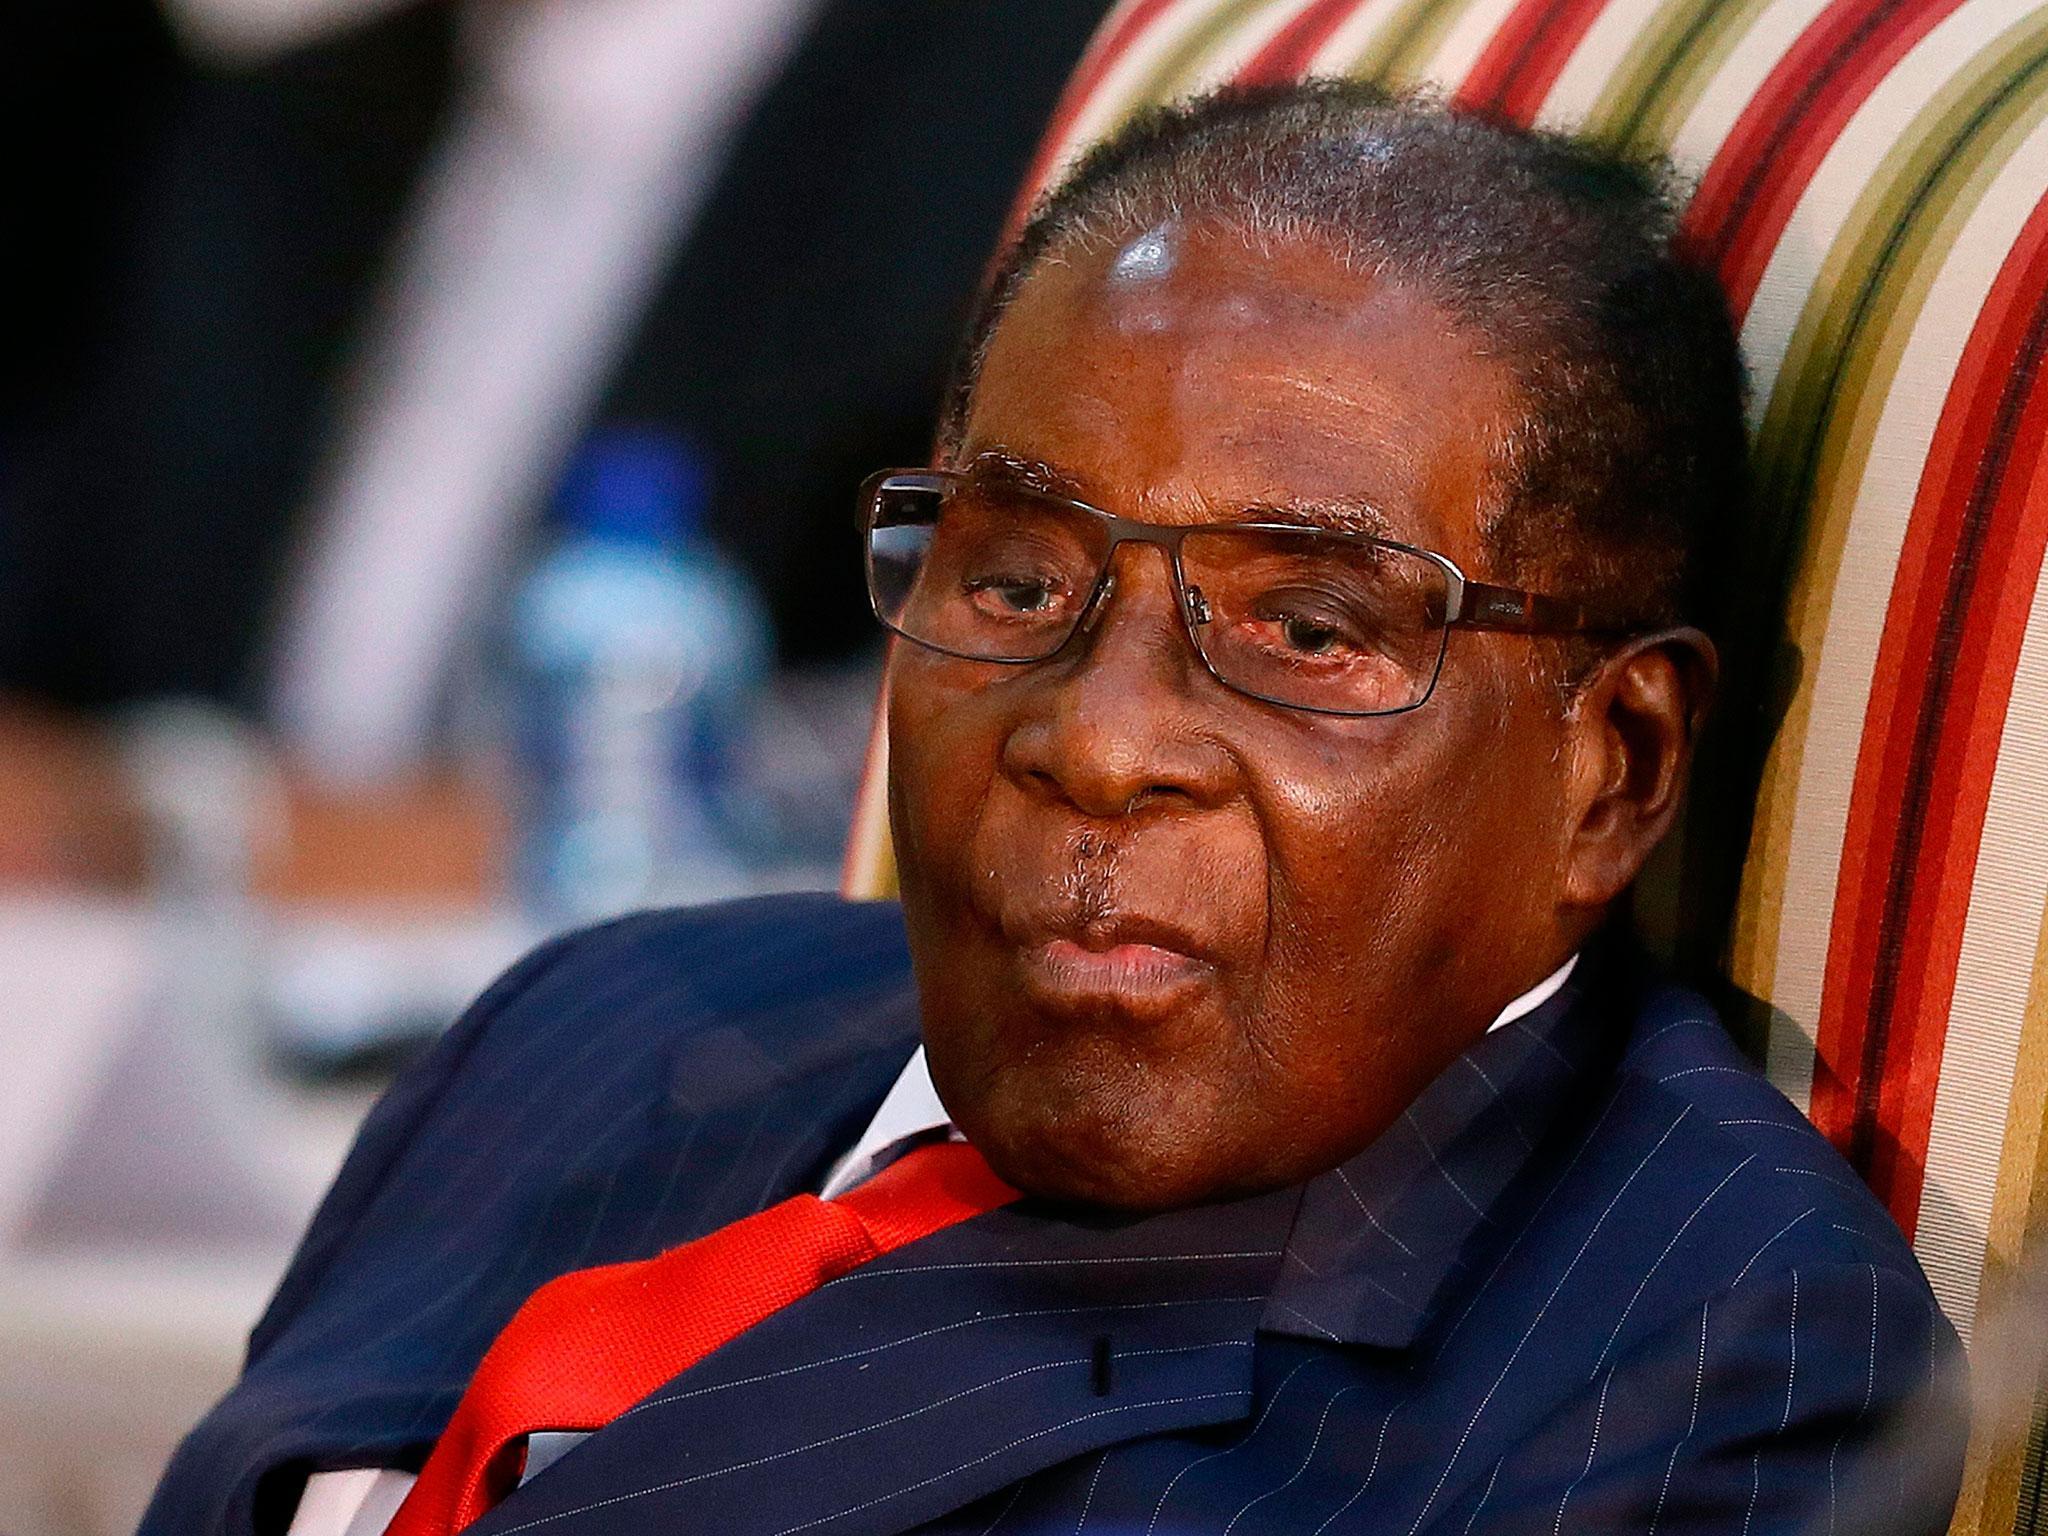 Robert Mugabe is granted immunity from prosecution in Zimbabwe